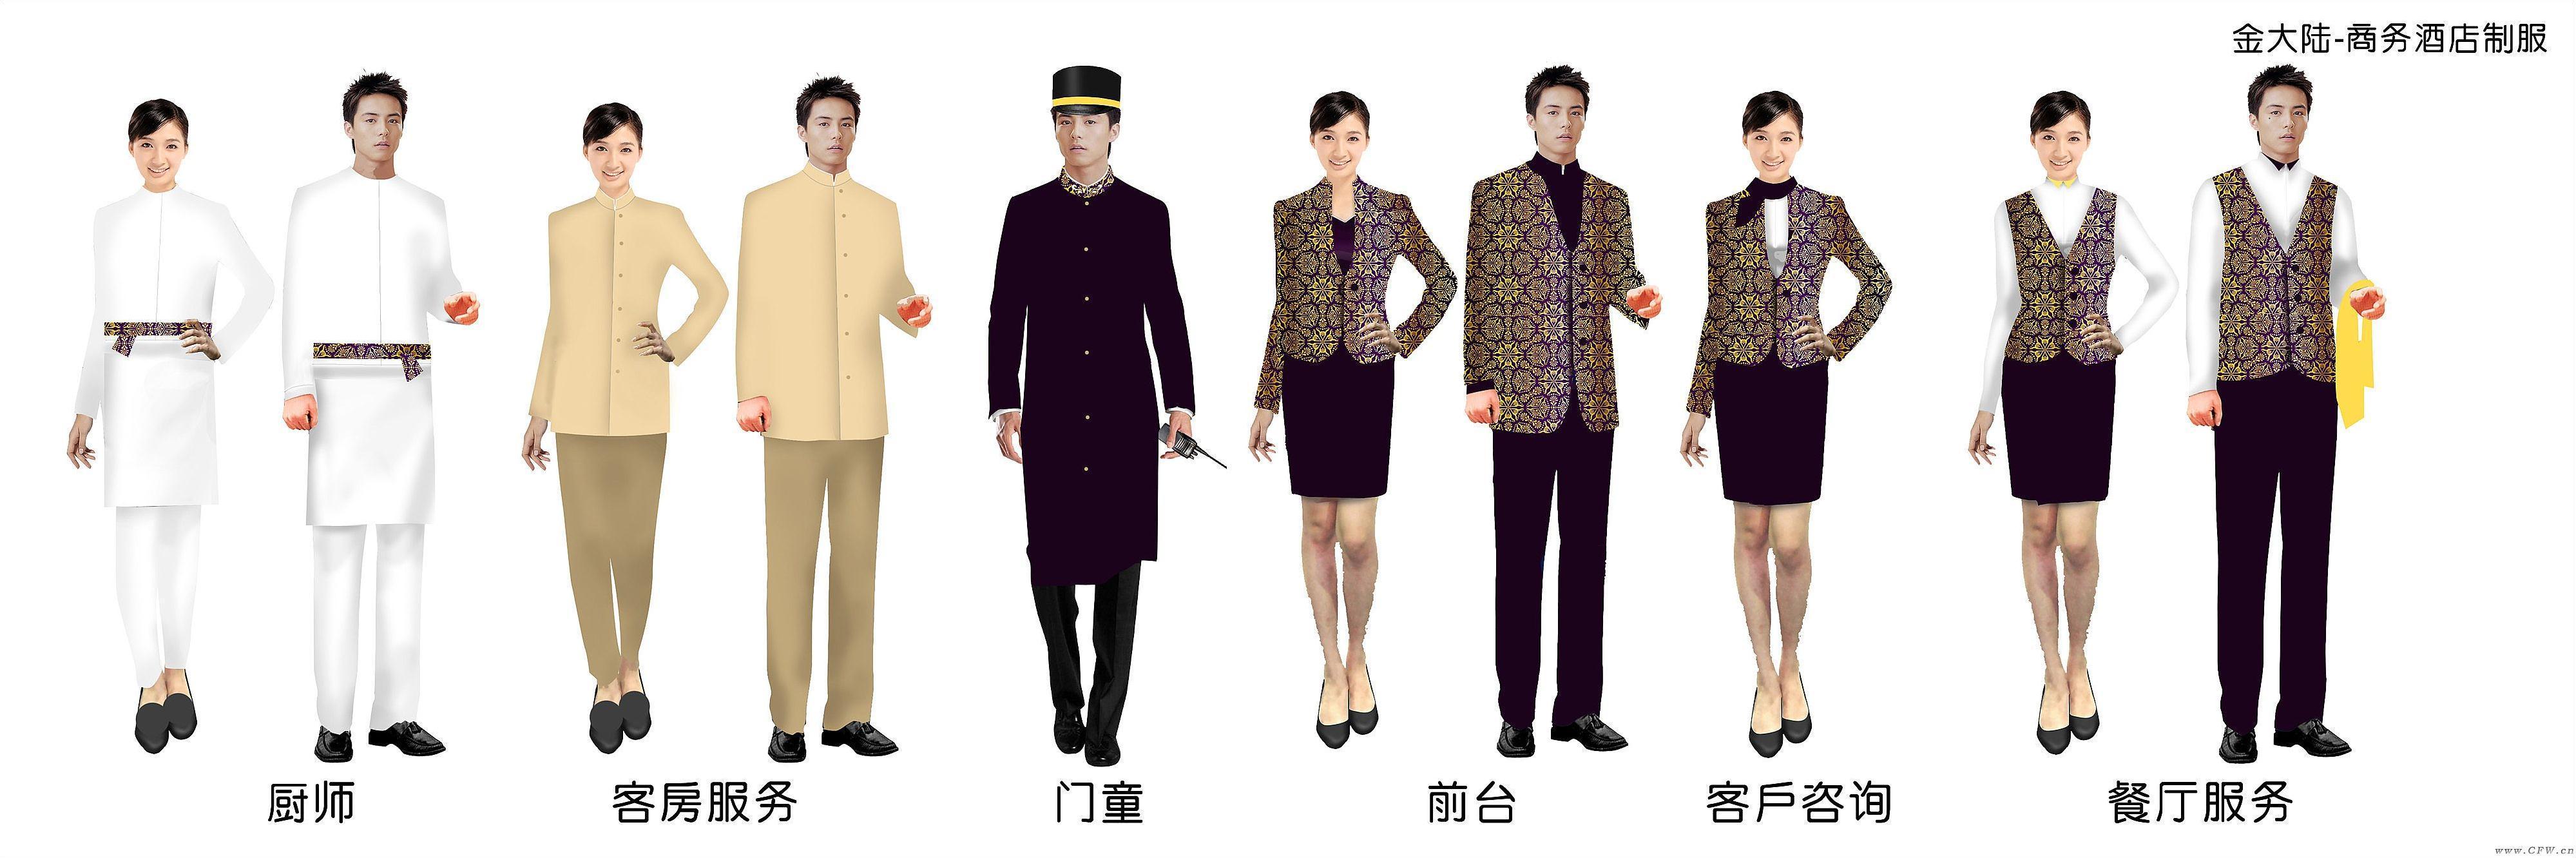 金大陆-商务酒店制服-职业服装设计-服装设计